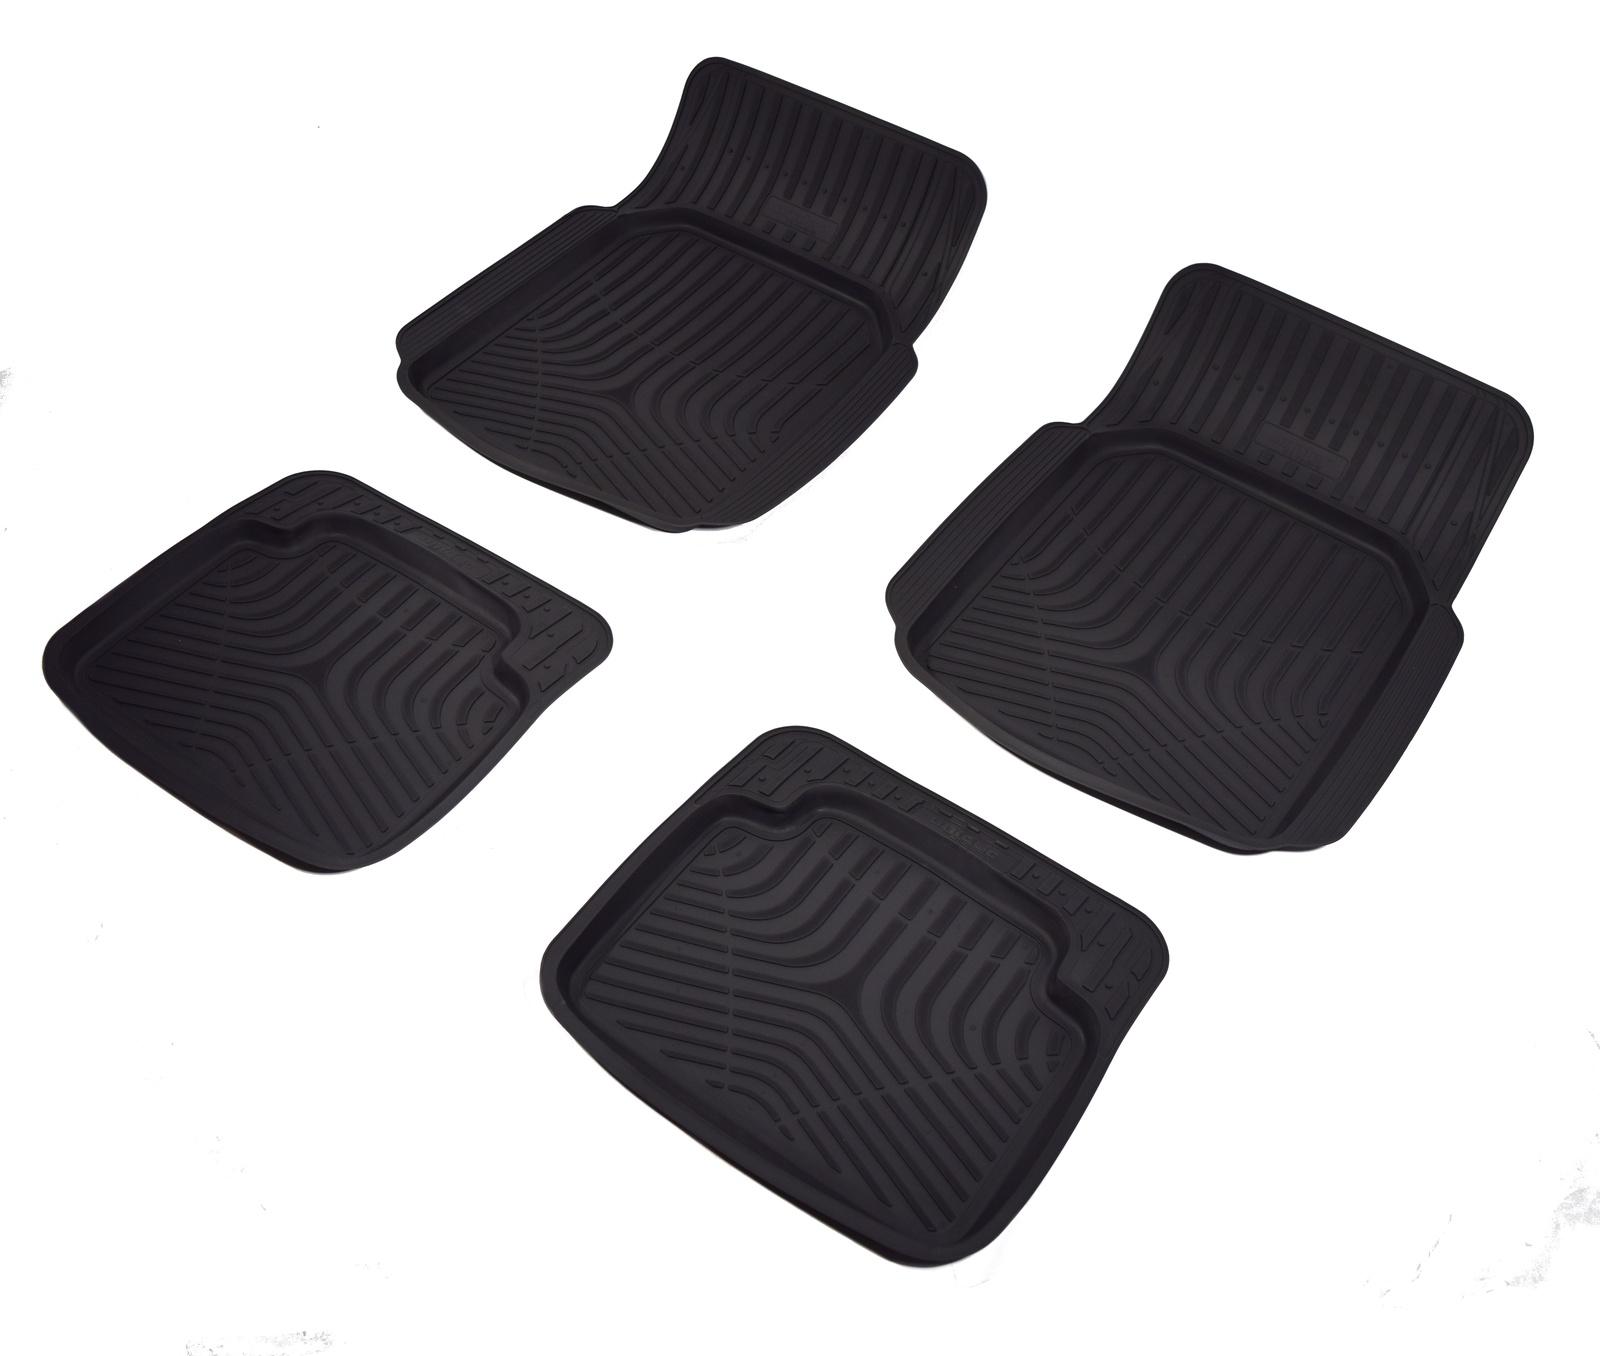 игровые коврики Коврики в салон автомобиля NorPlast, универсальные, с бортиком, NPL-Po-01-10, черный